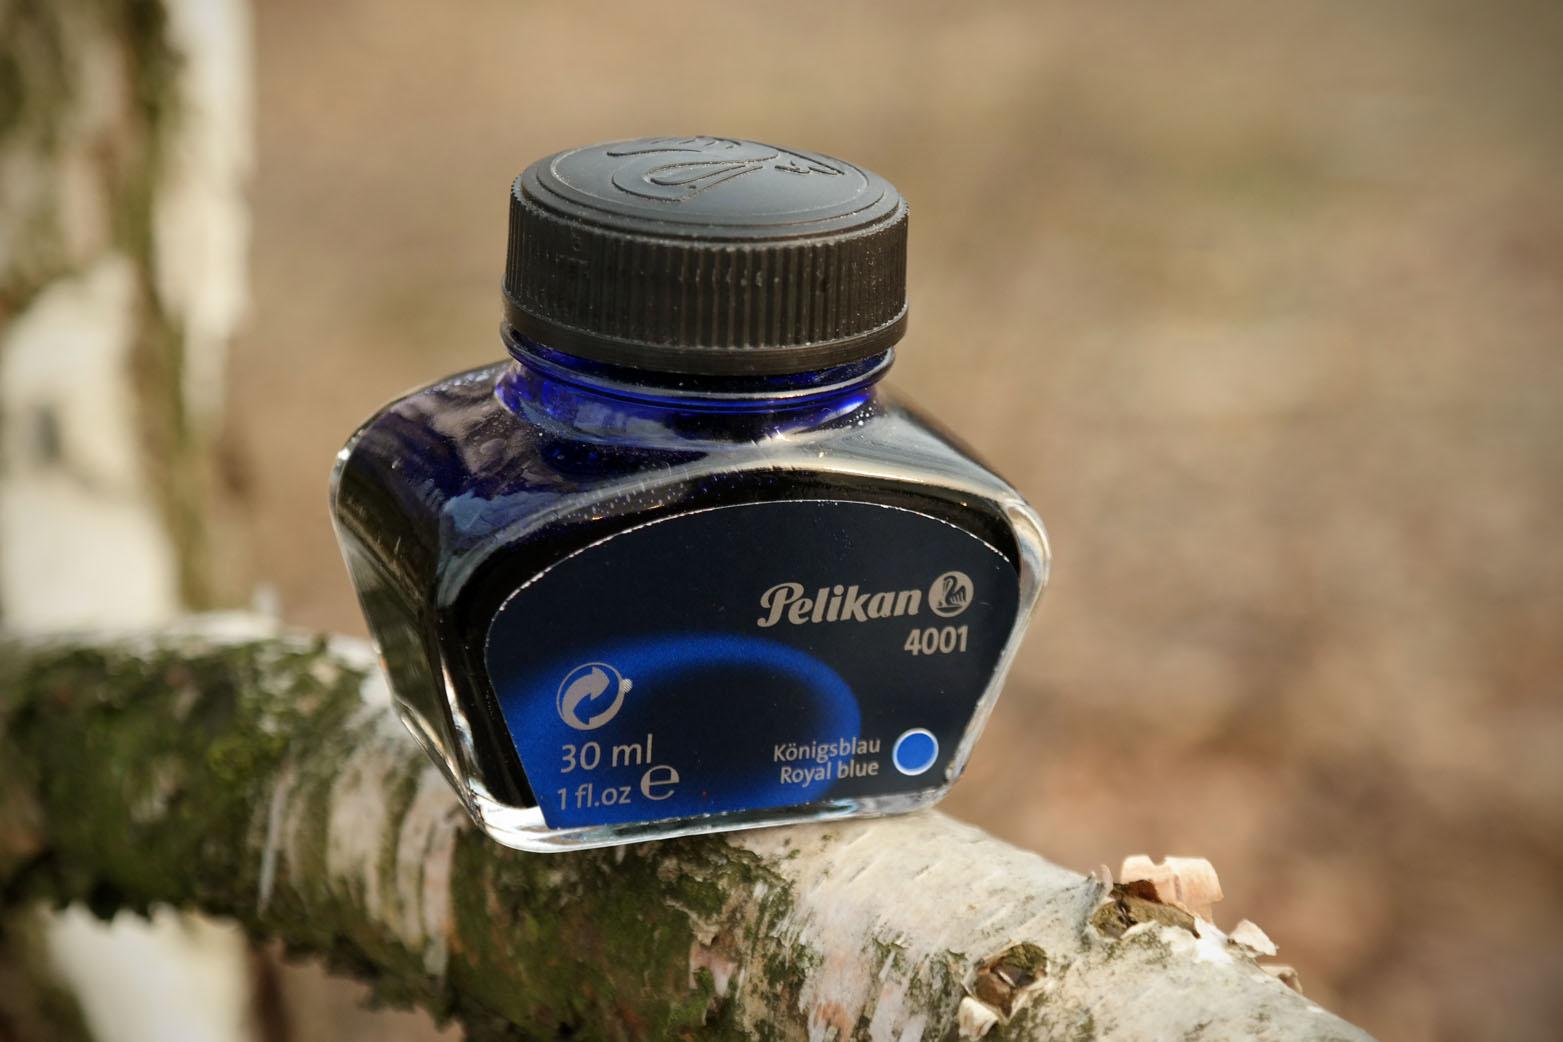 fpn_1457505142__royalblue_pelikan_bottle